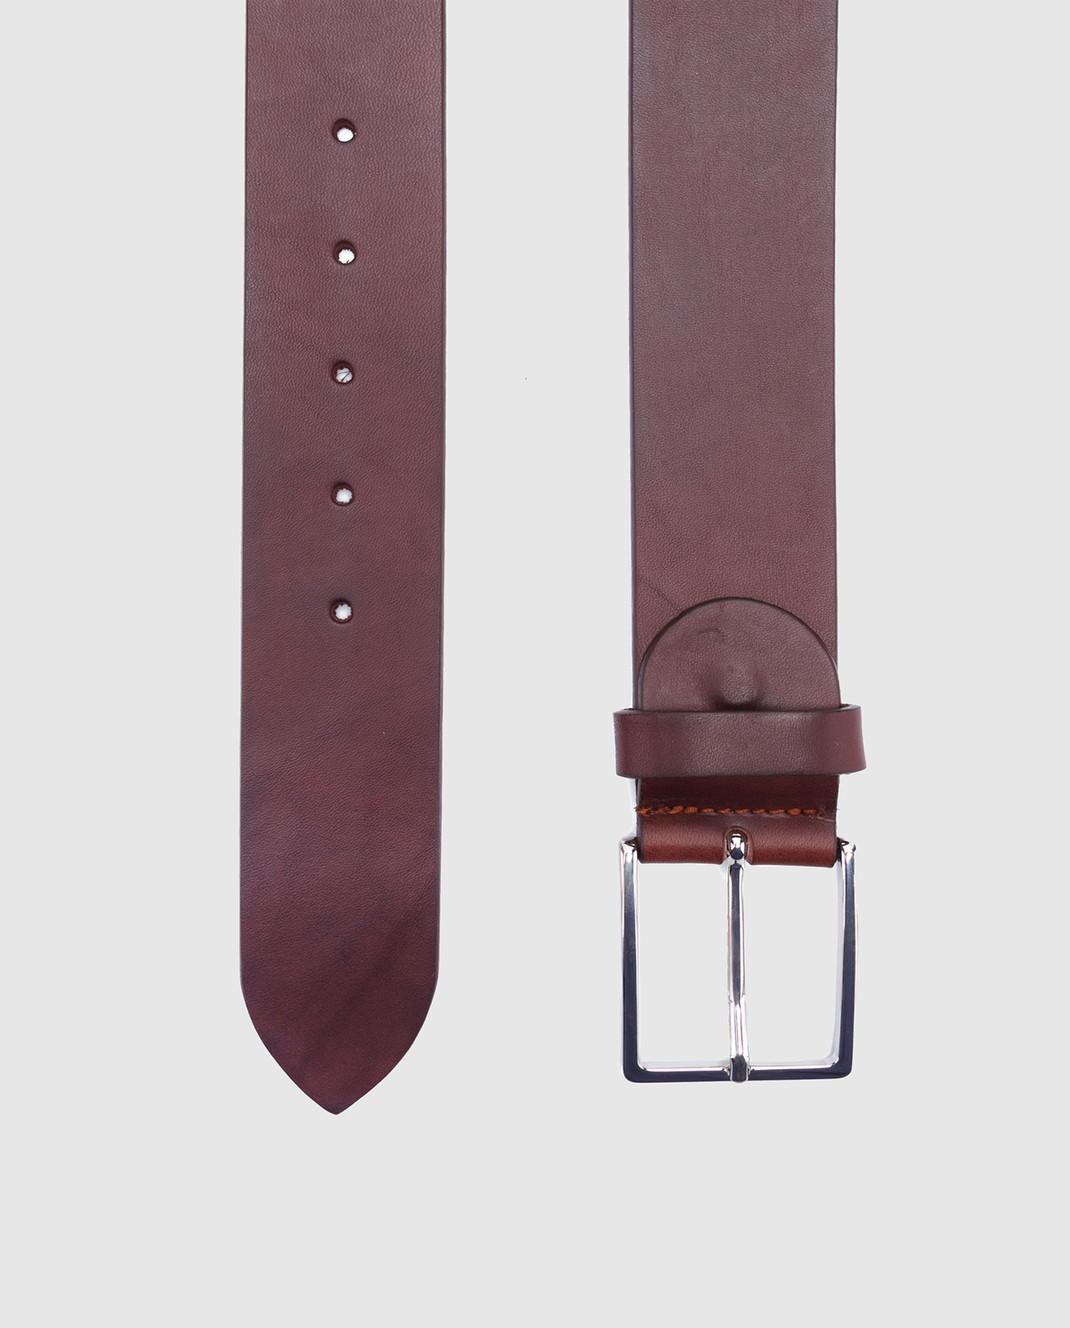 Bochicchio Коричневый кожаный ремень 1011 изображение 2